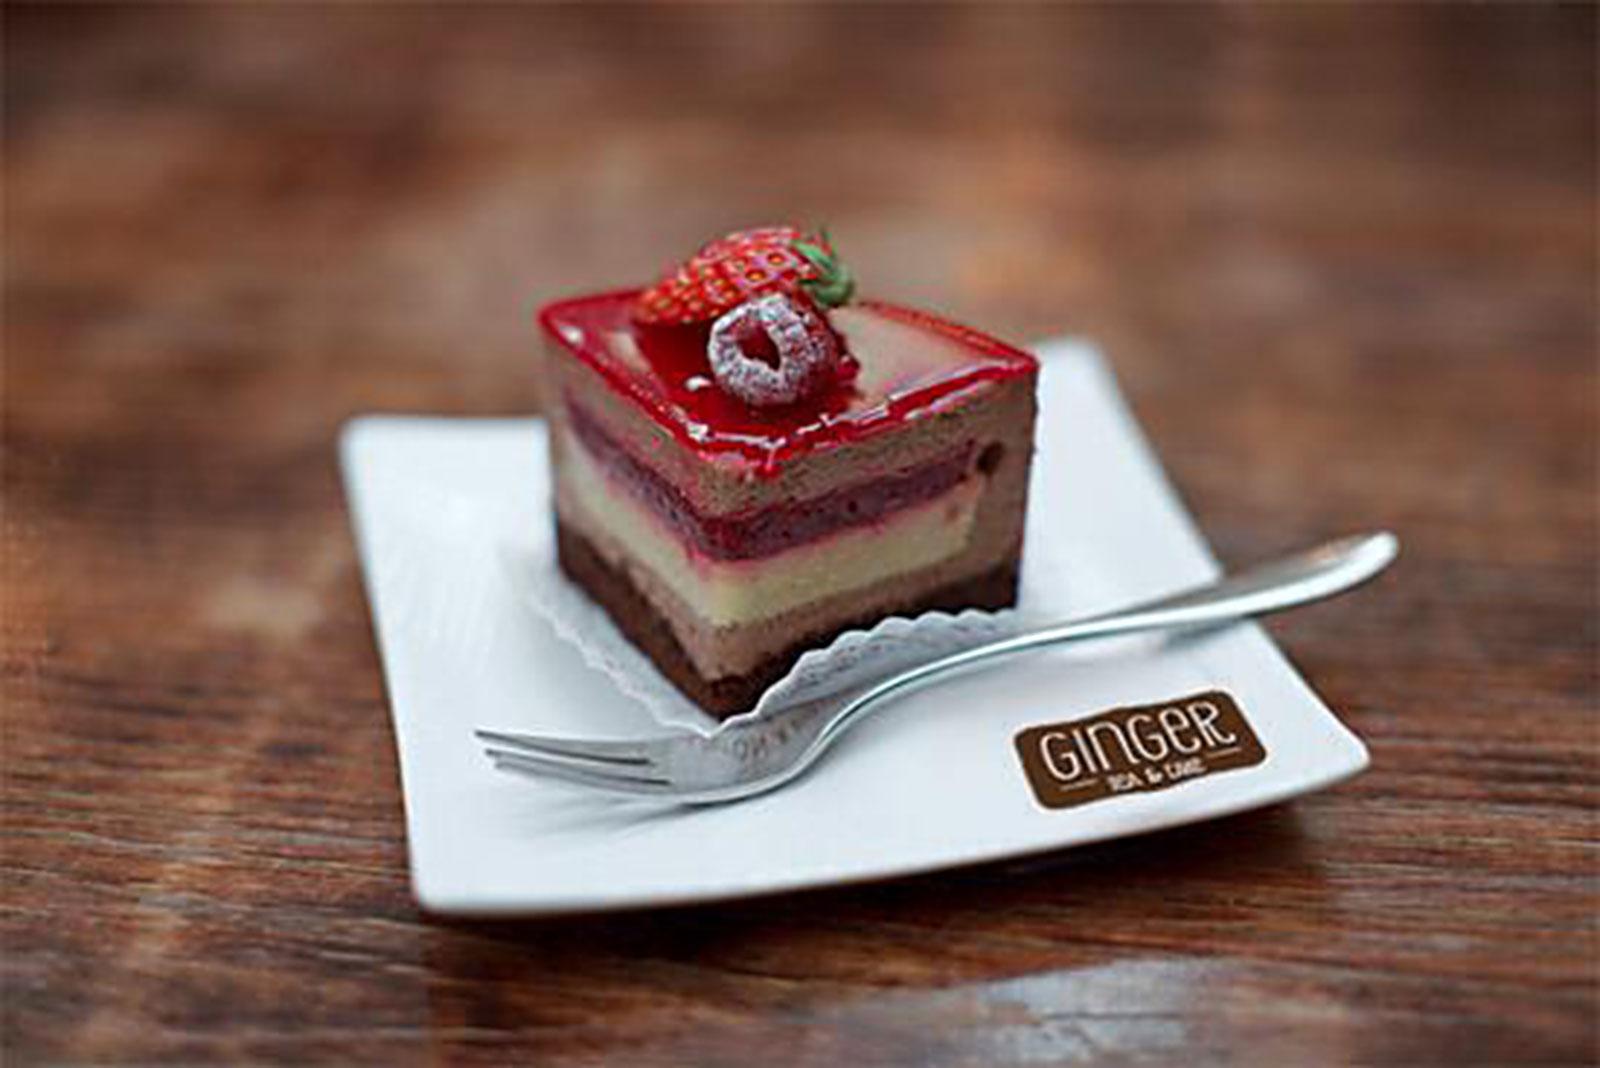 Fetta di torta ai frutti rossi servita al tavolo da Ginger a Trieste